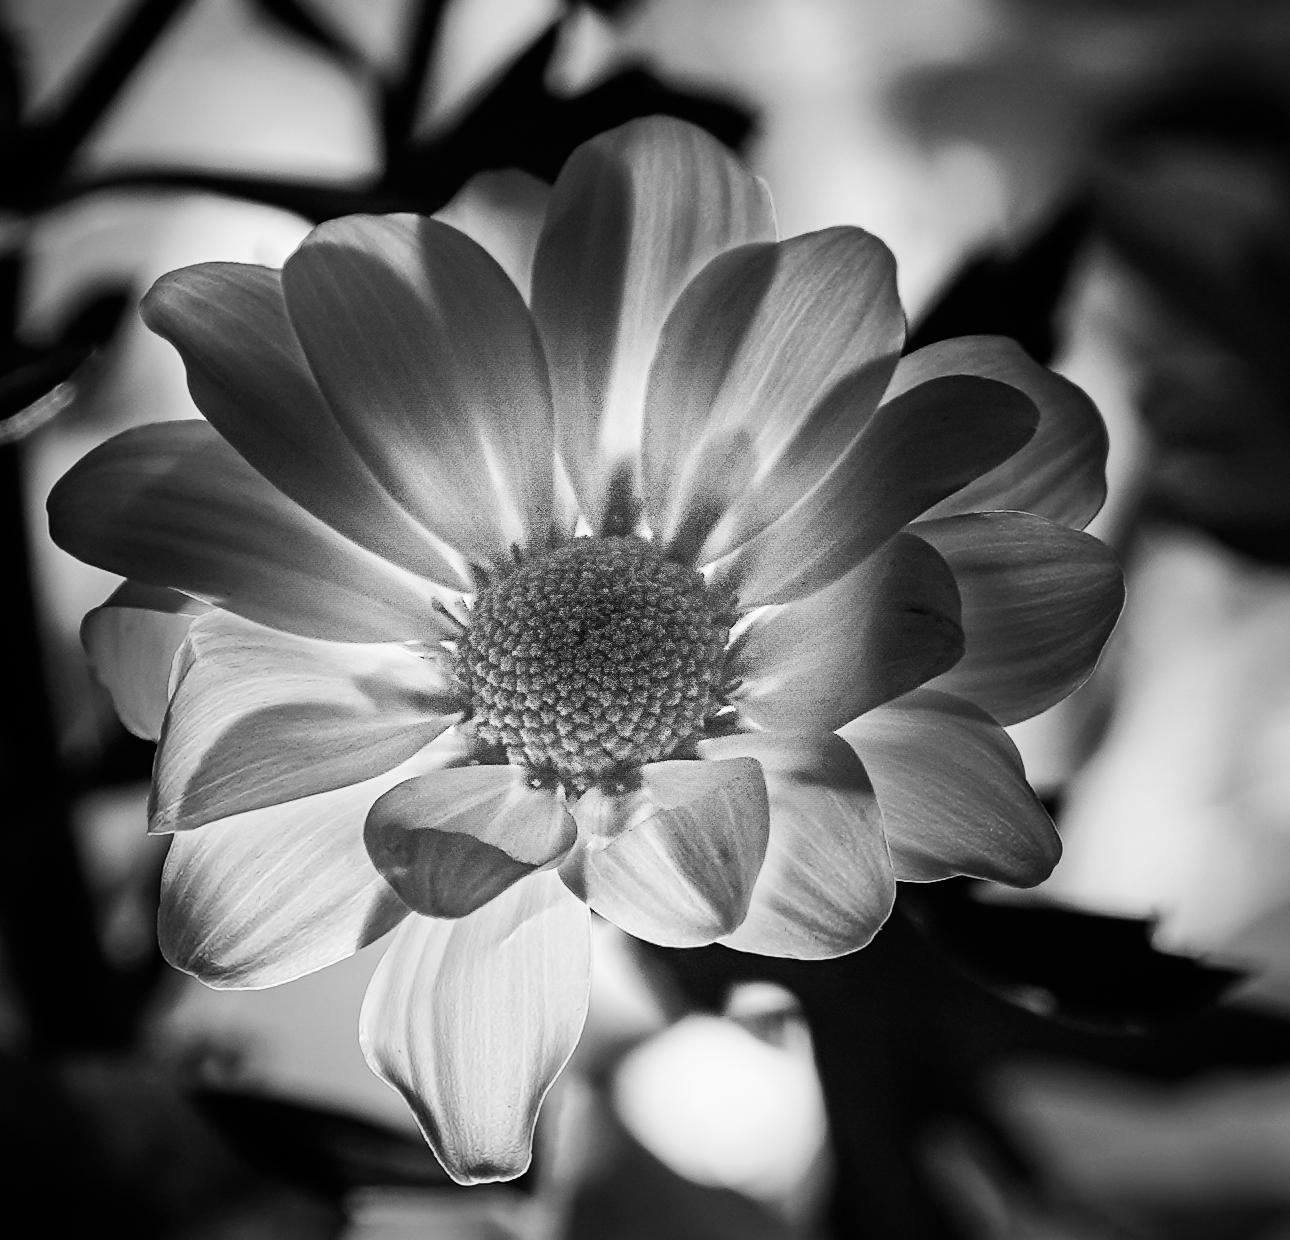 Monochrome flower world